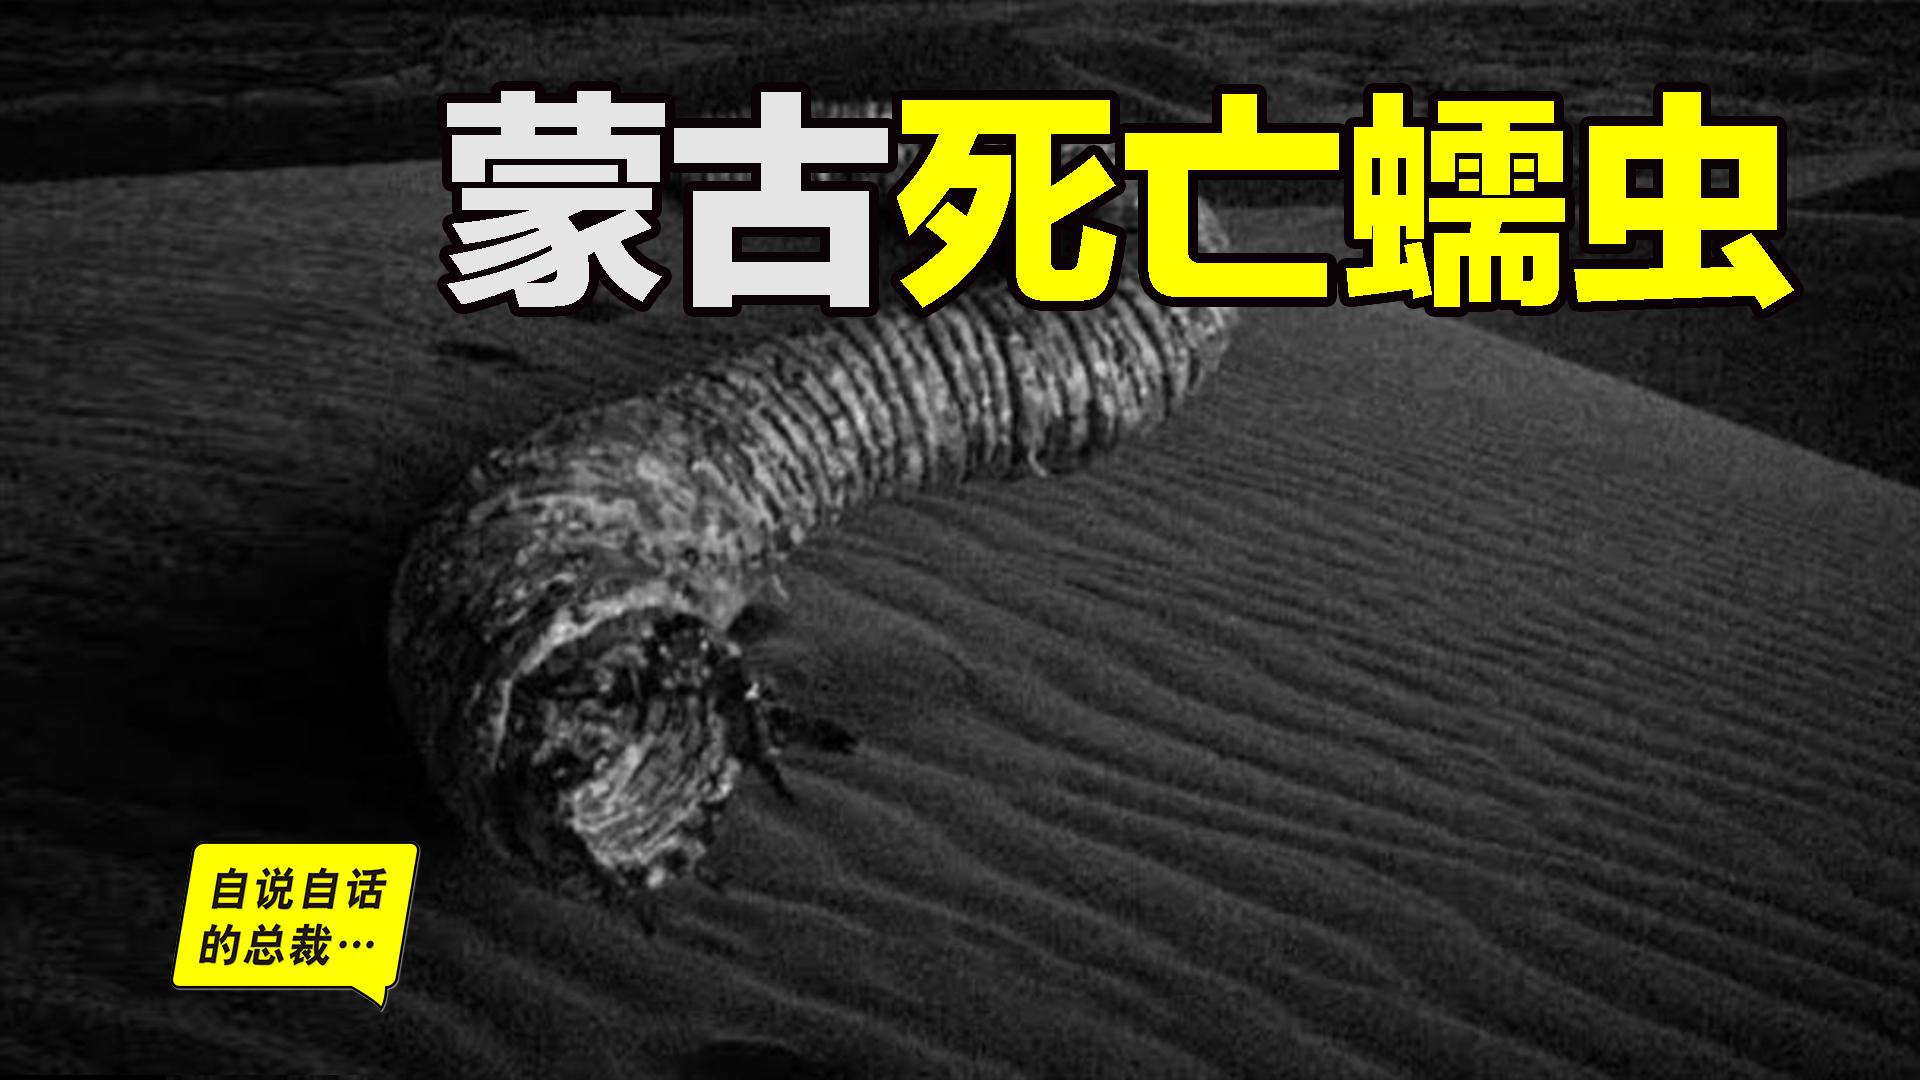 神秘未知生物蒙古死亡蠕虫:跟着它就能找到成吉思汗的宝藏